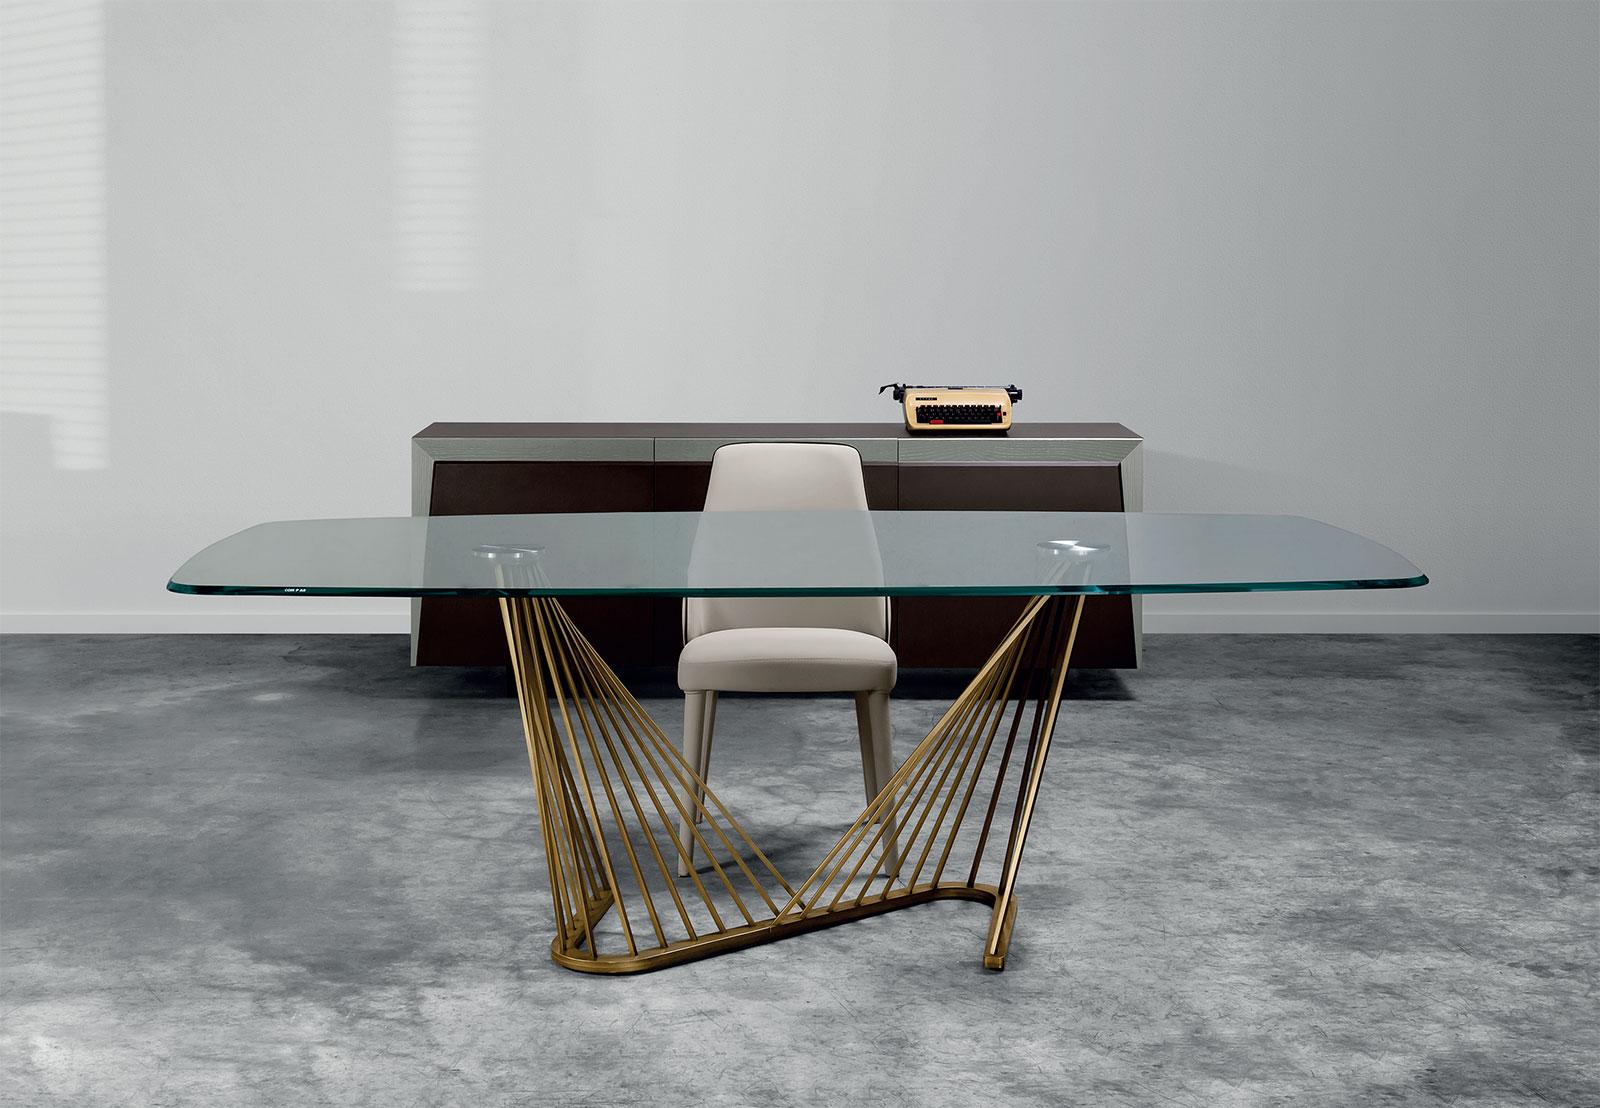 Harp tavolo con piano in vetro a botte - Italy Dream Design